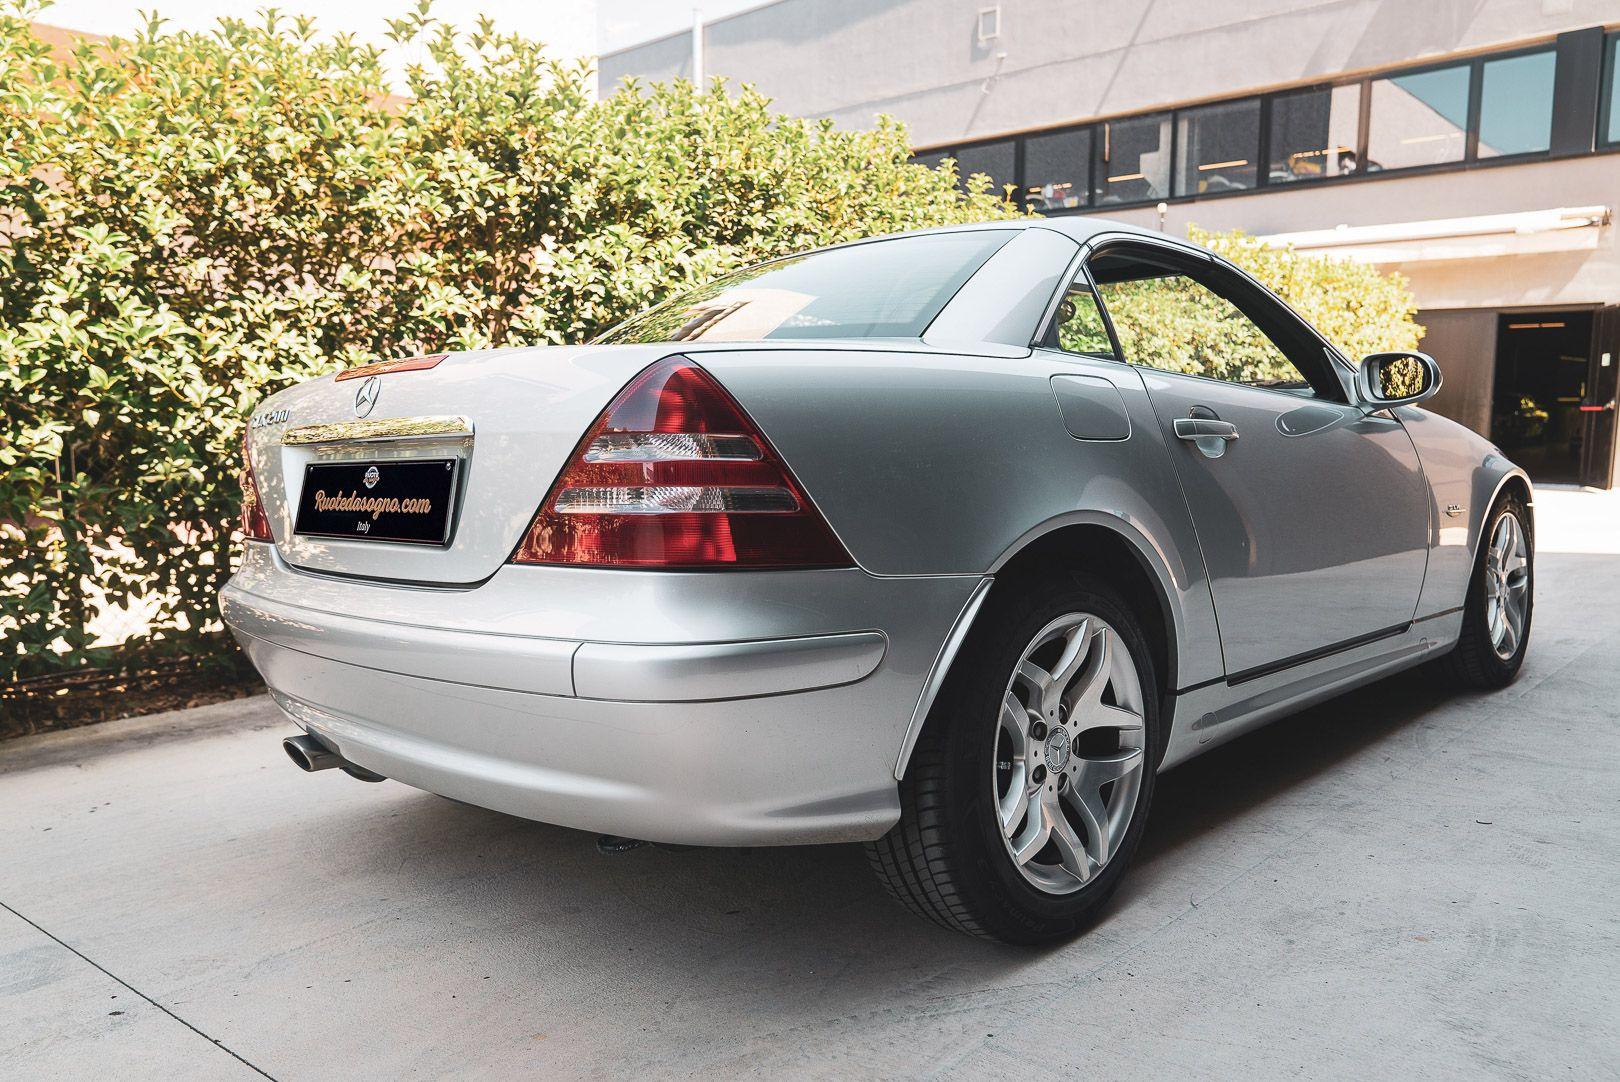 2004 Mercedes Benz 200 SLK Kompressor Special Edition 80723